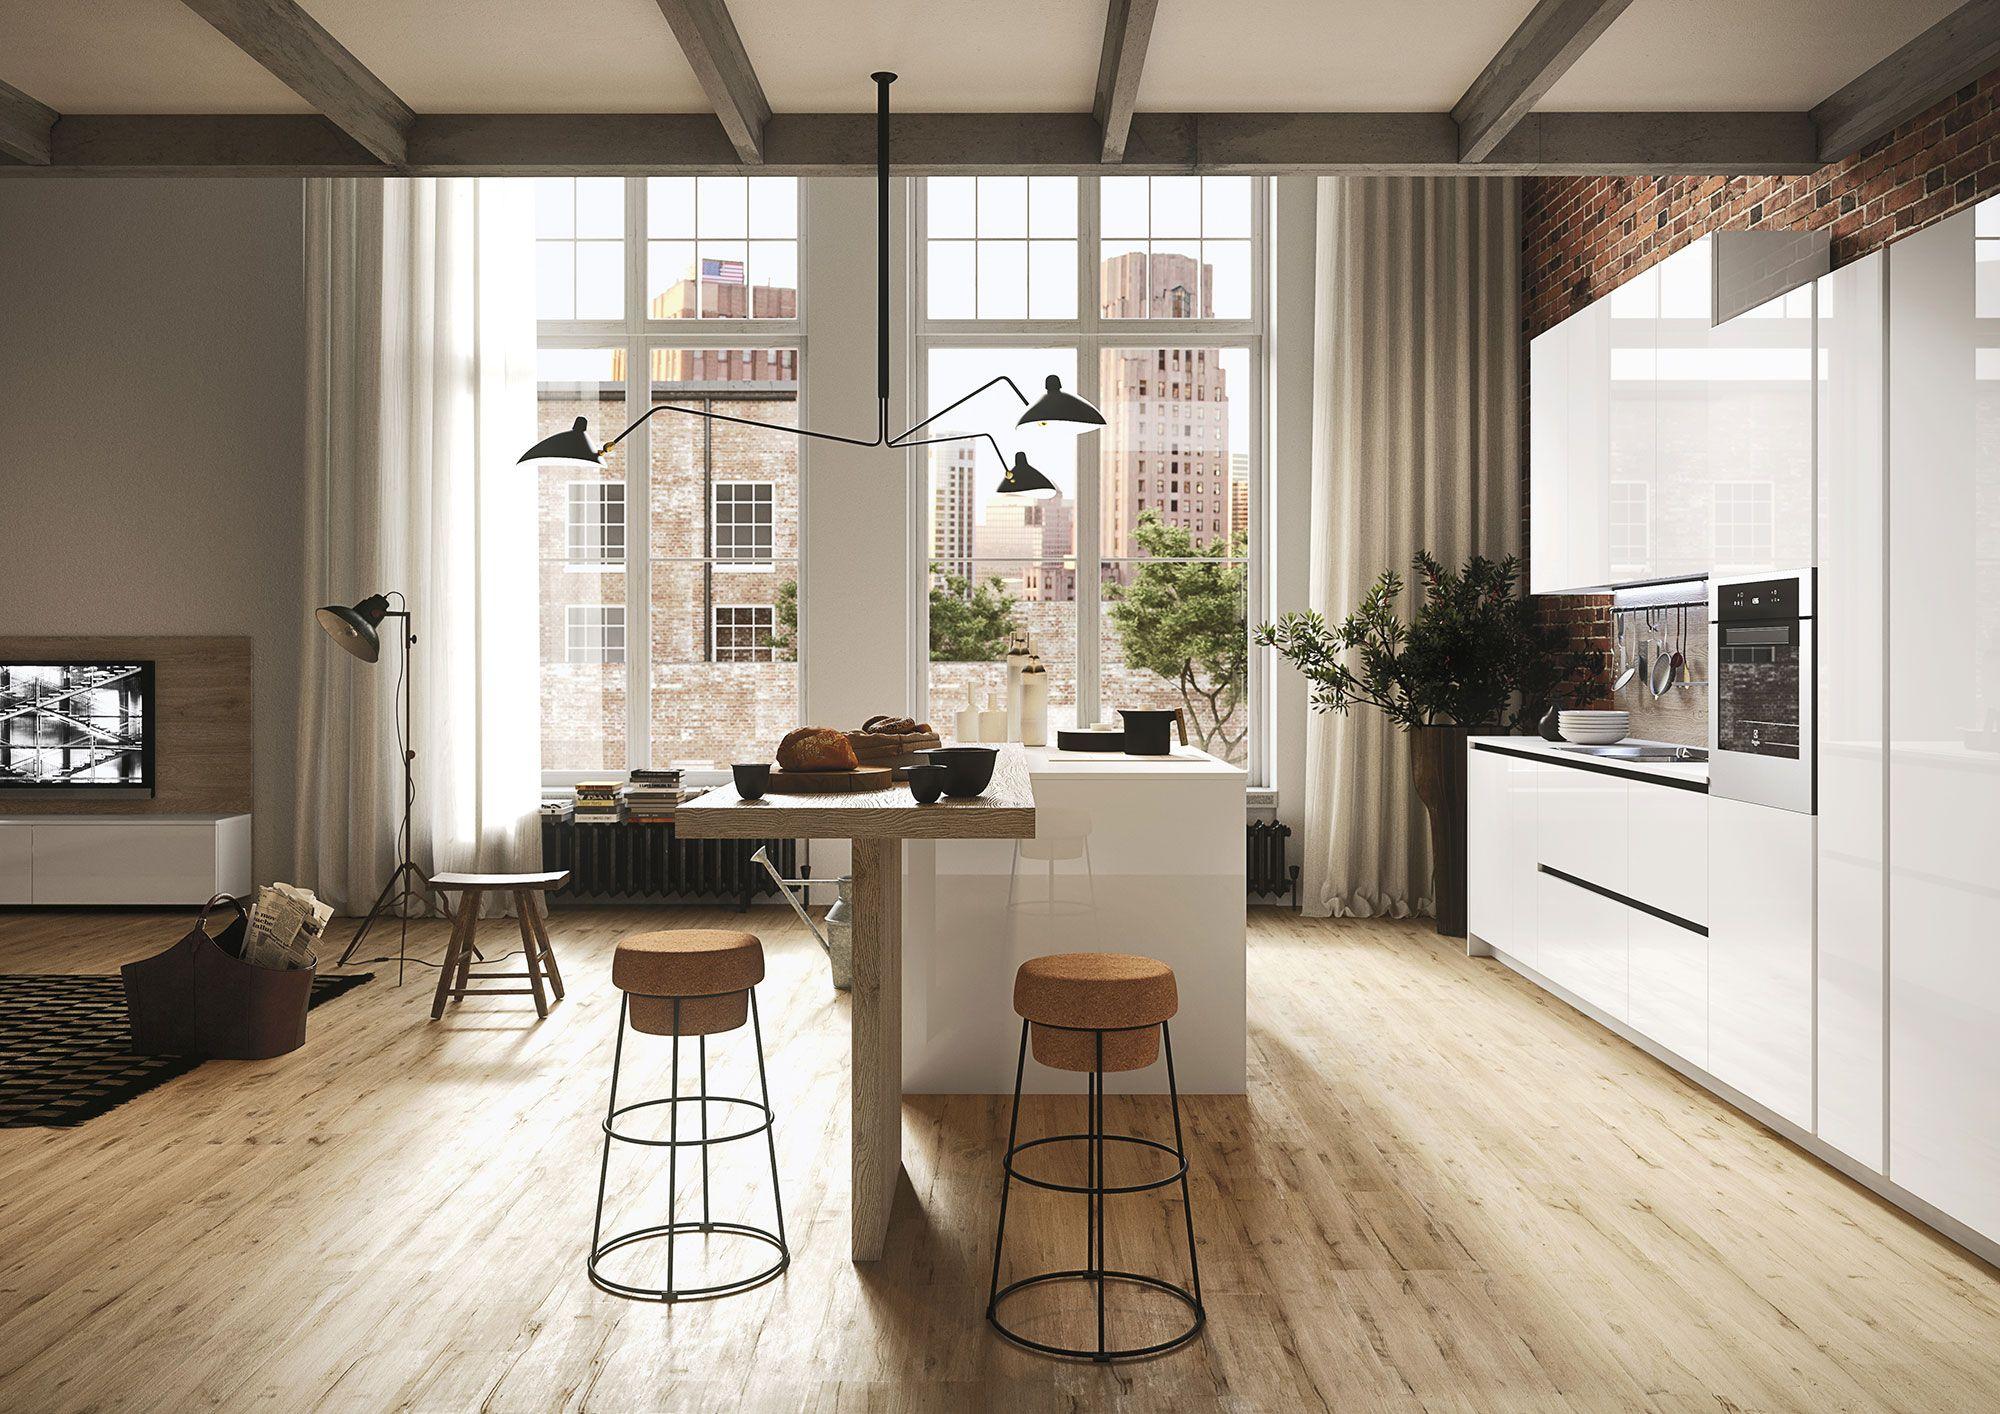 Taburetes   Taburetes   Pinterest   Cocinas, Interiores y Cocina moderna